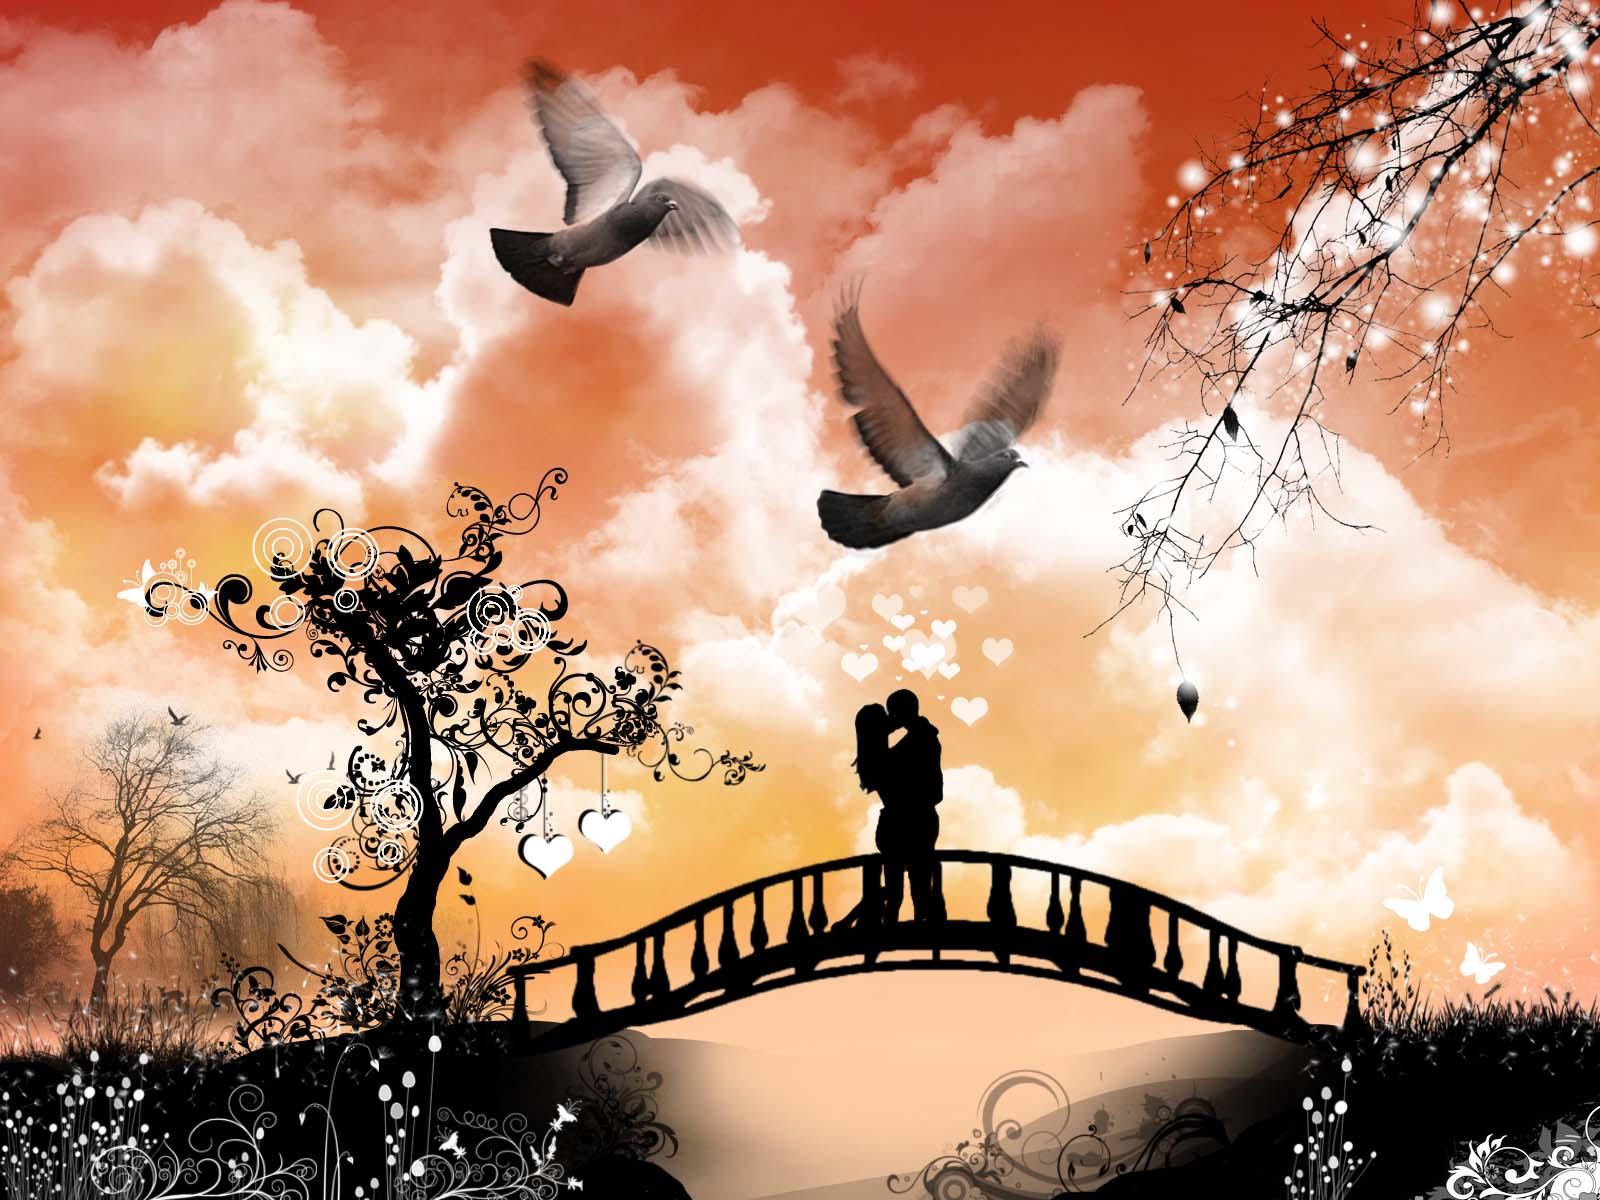 Hình nền tình yêu đẹp và lãng mạn